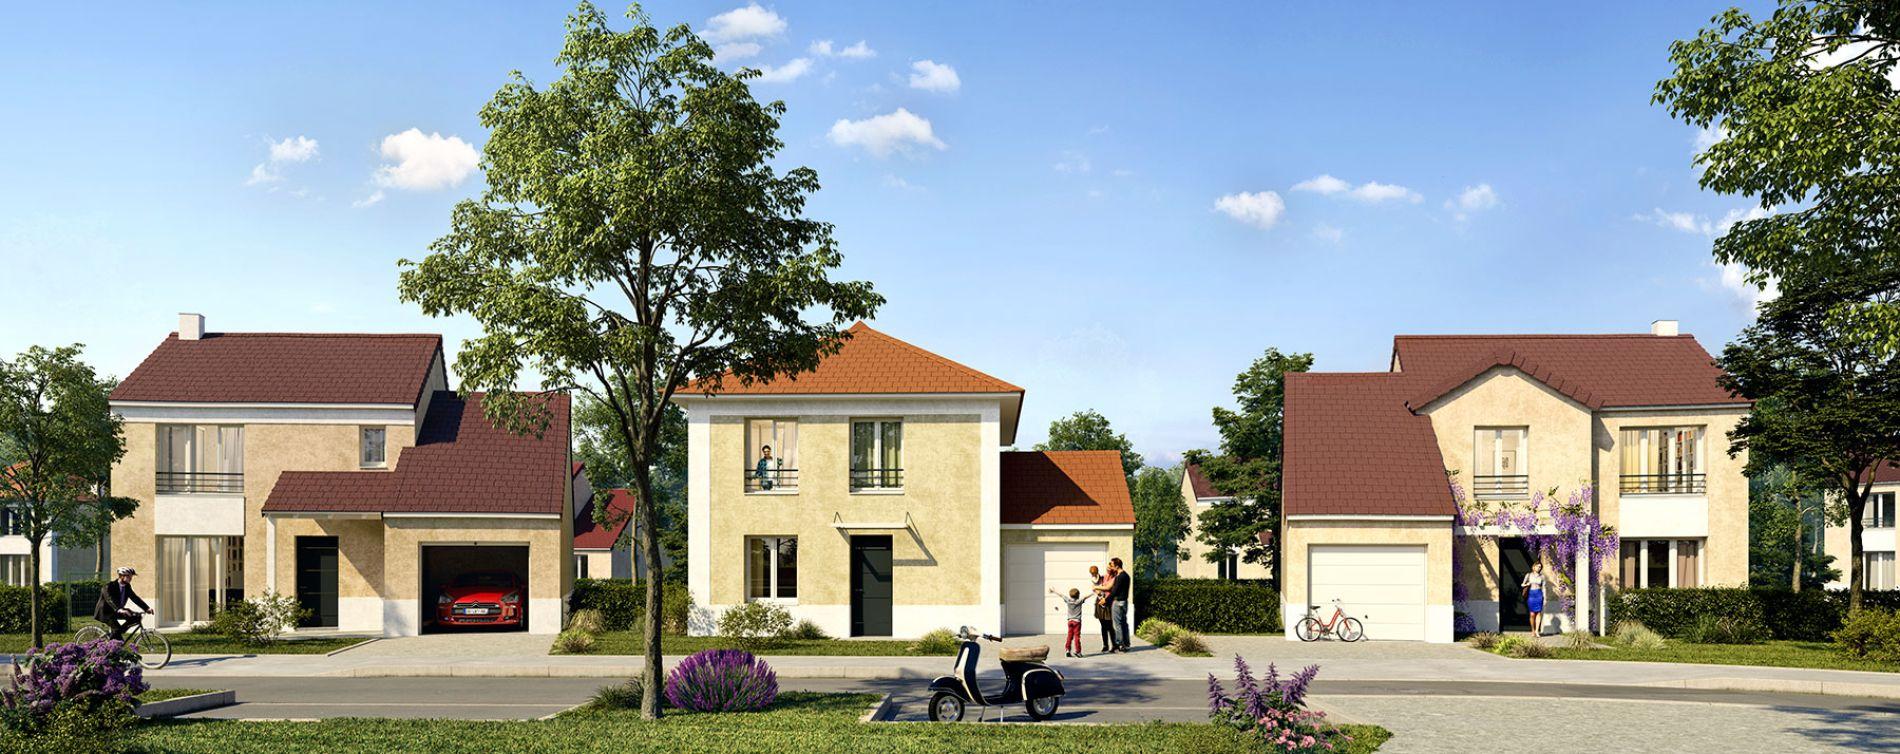 Gazeran : programme immobilier neuve « Scènes de vie » (2)